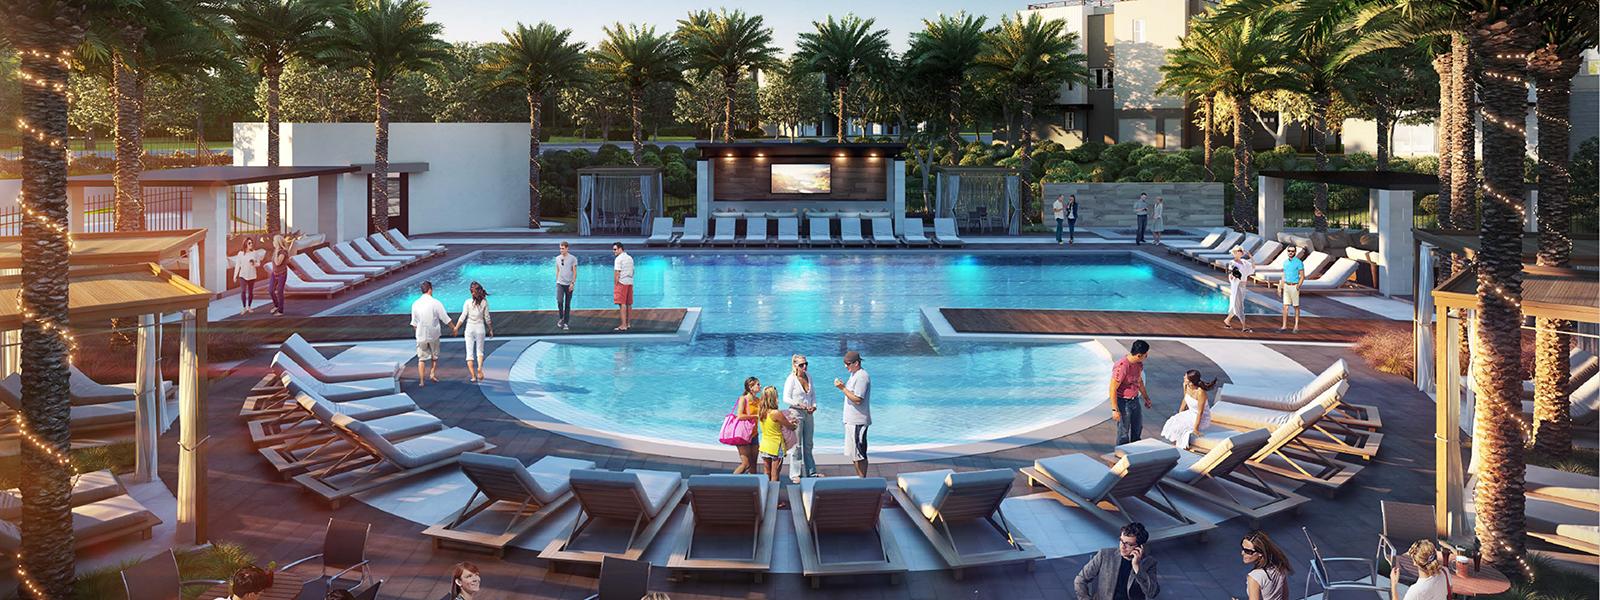 rendering of Club on 6th pool